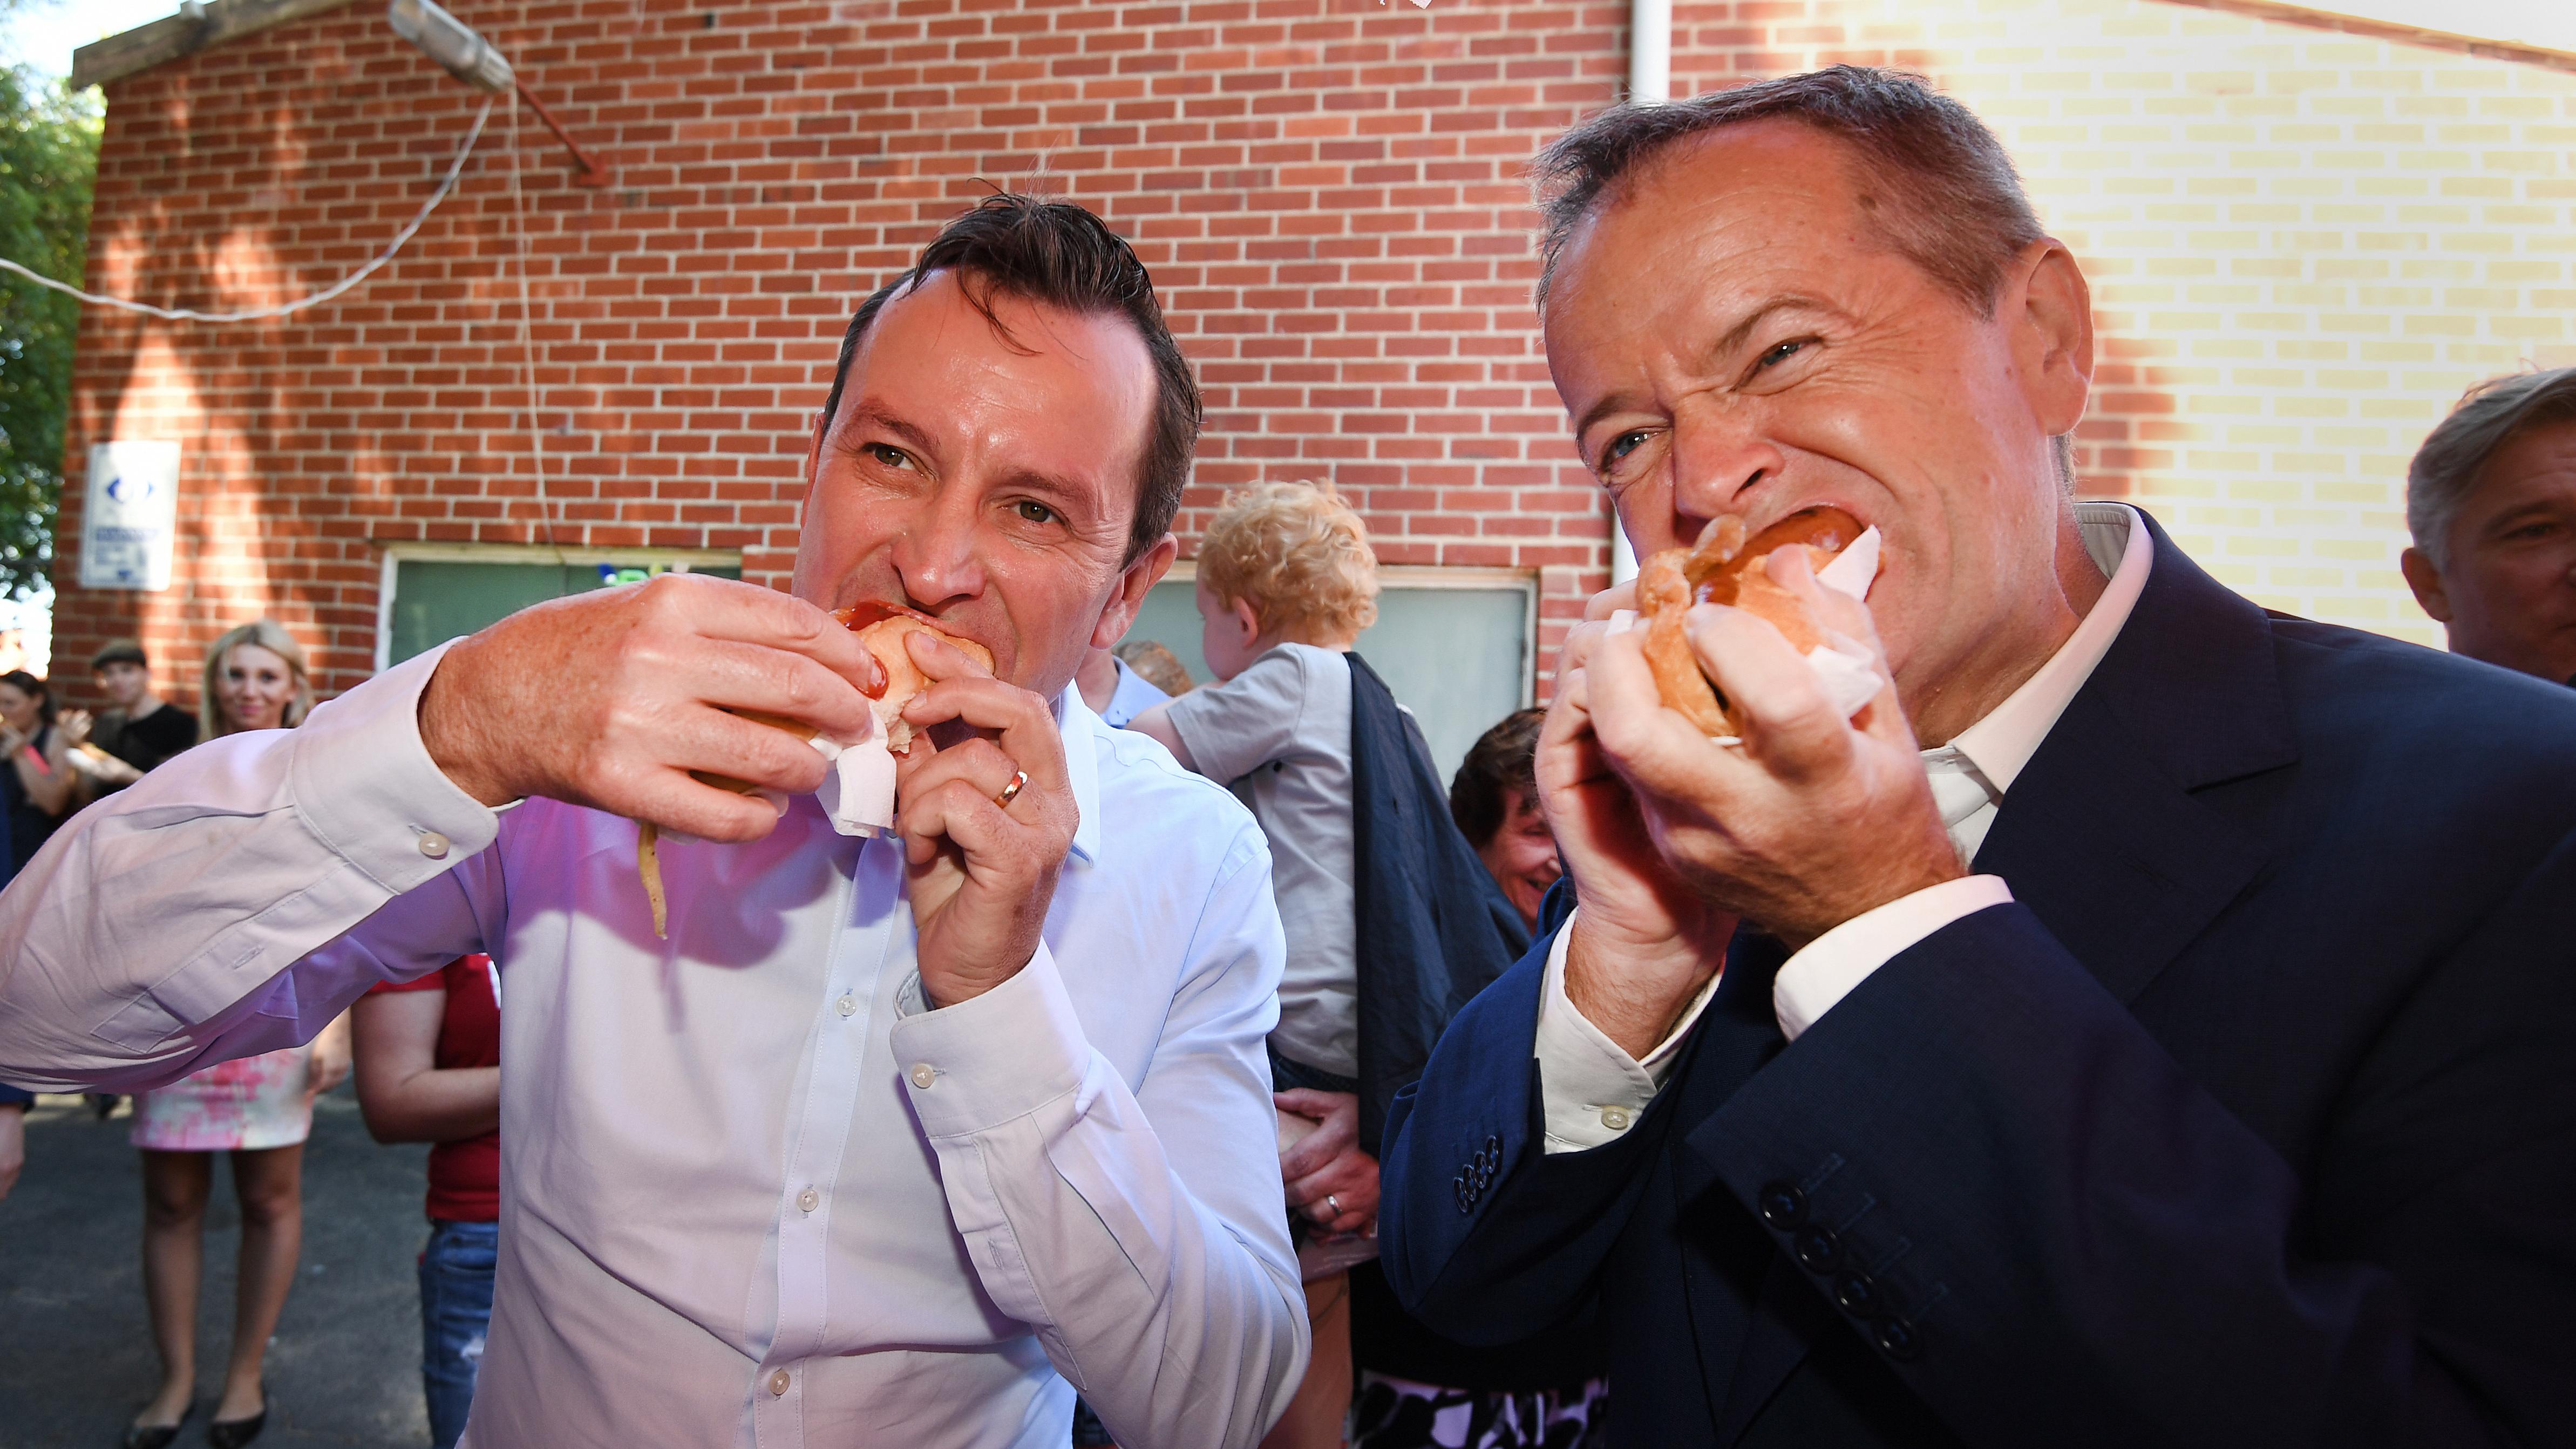 Shorten shows marked improvement in democracy sausage technique